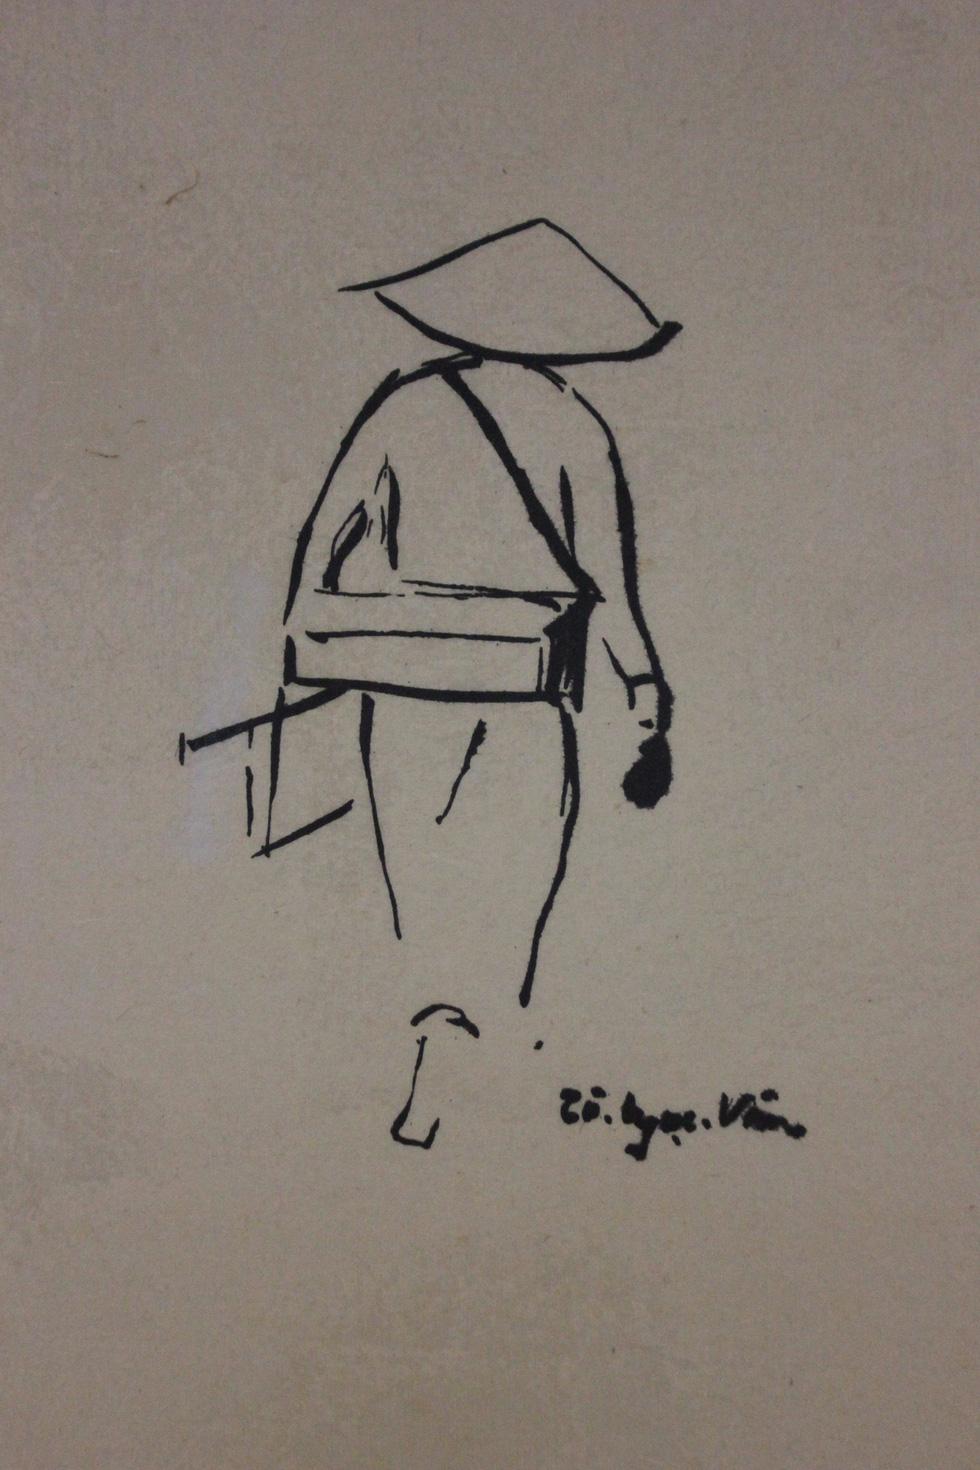 Bất ngờ với gánh hàng rong Hà Nội xưa trong tranh họa sĩ triệu đô Lê Phổ - Ảnh 4.